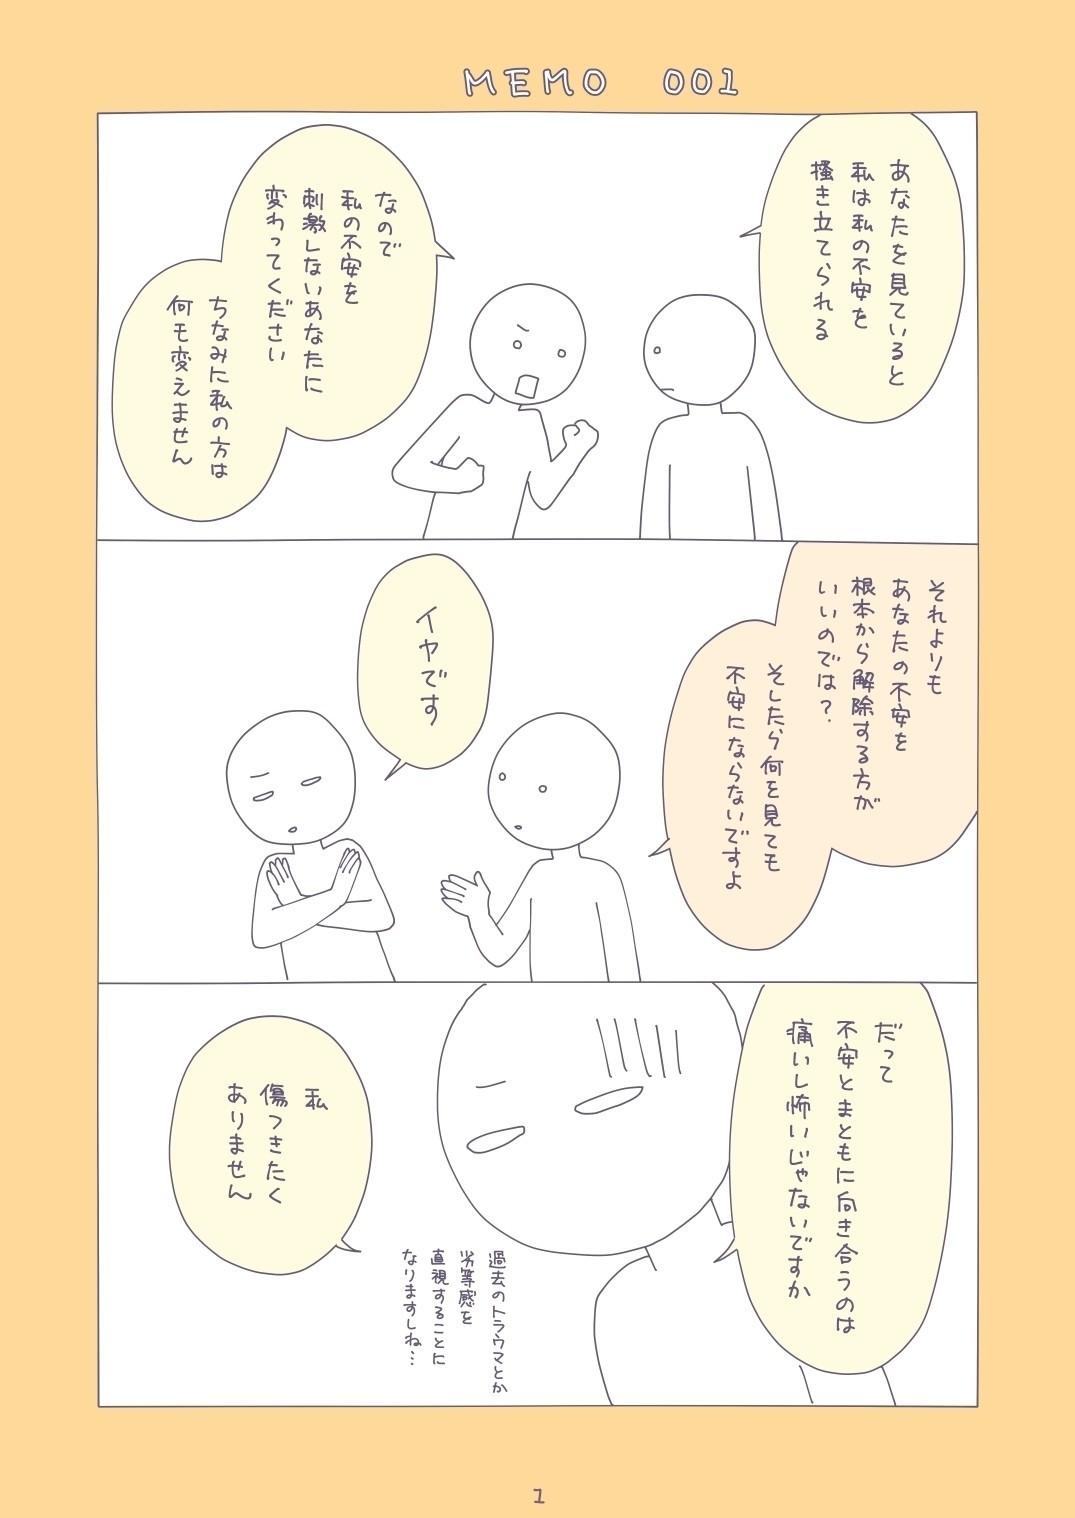 不安と情を可視化_001